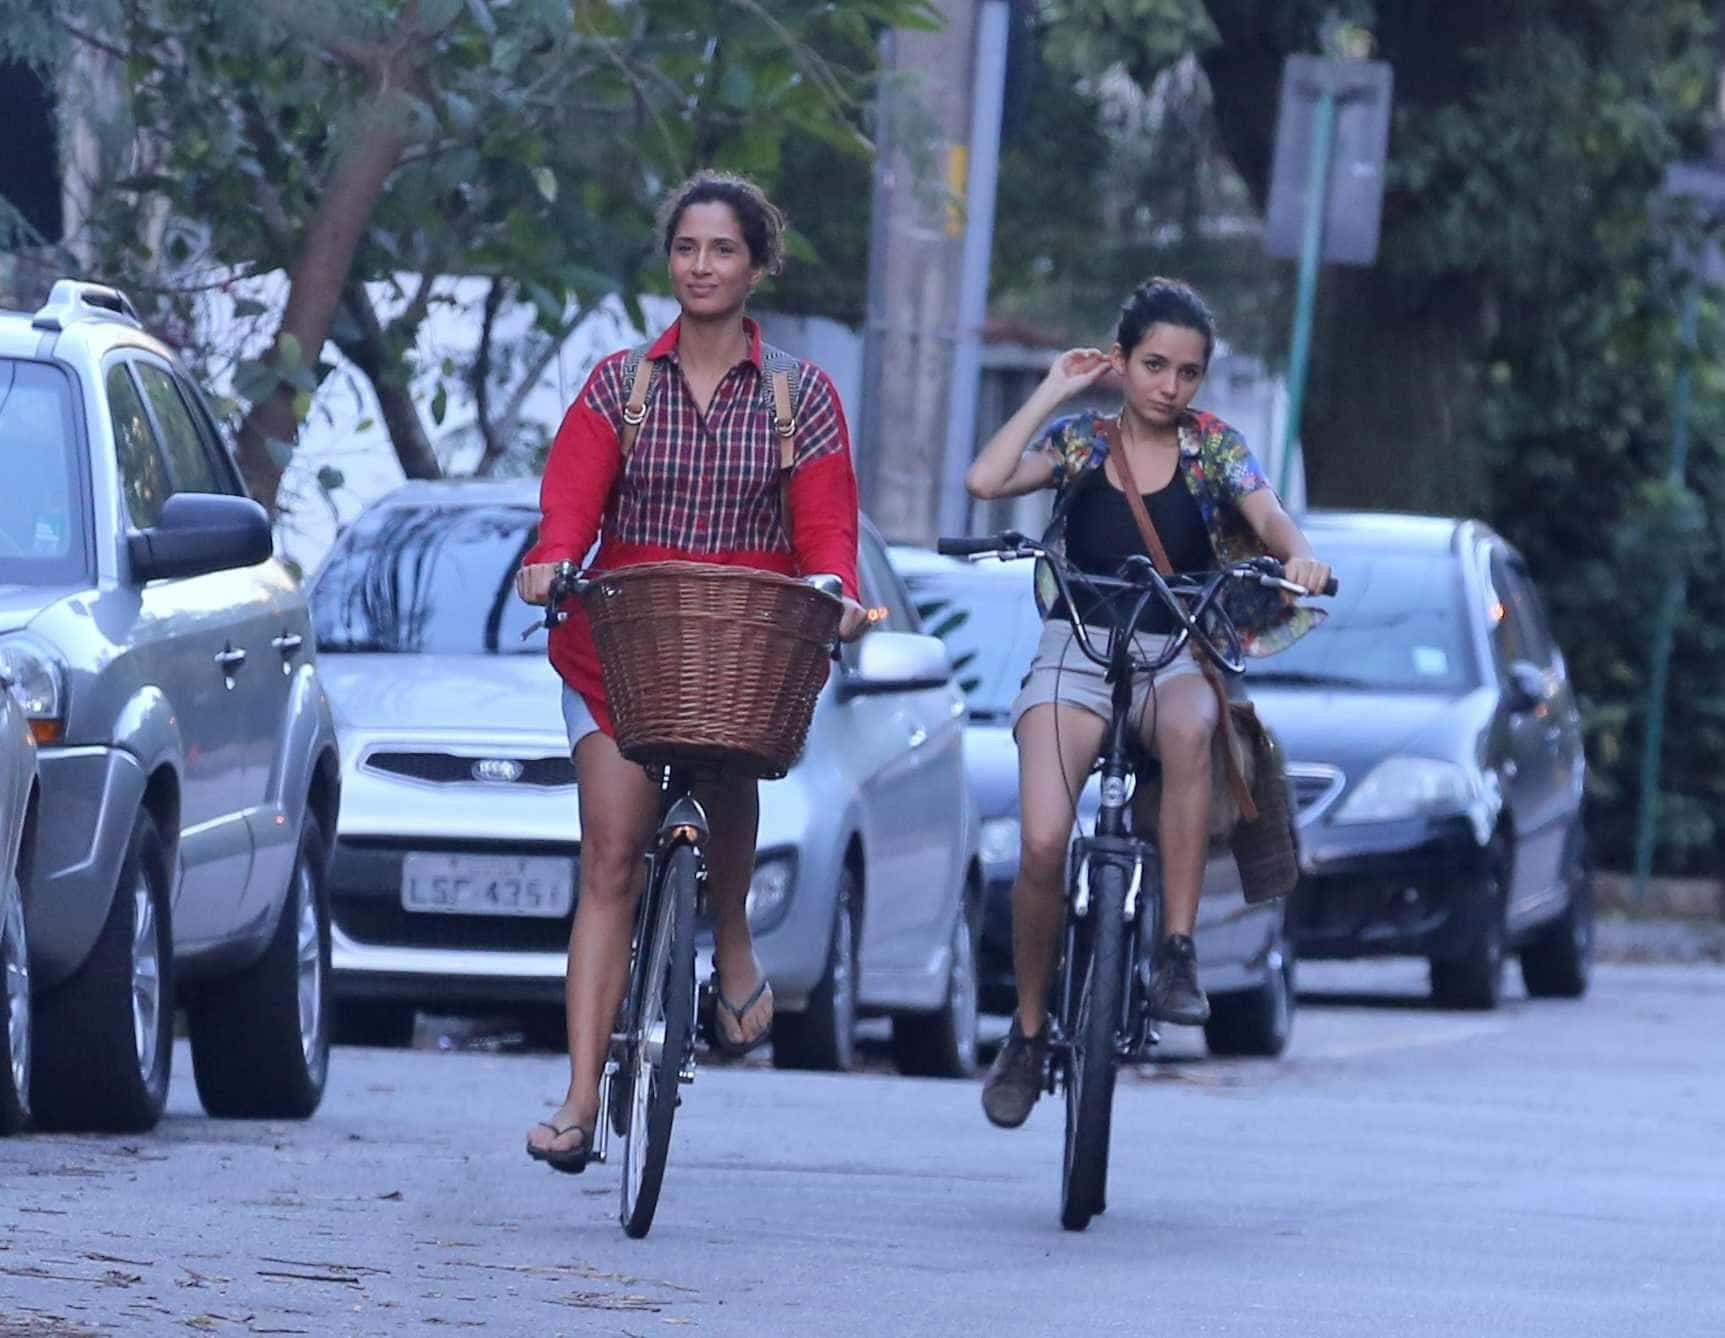 Em rara aparição, filha de Camila Pitanga pedala ao lado da mãe